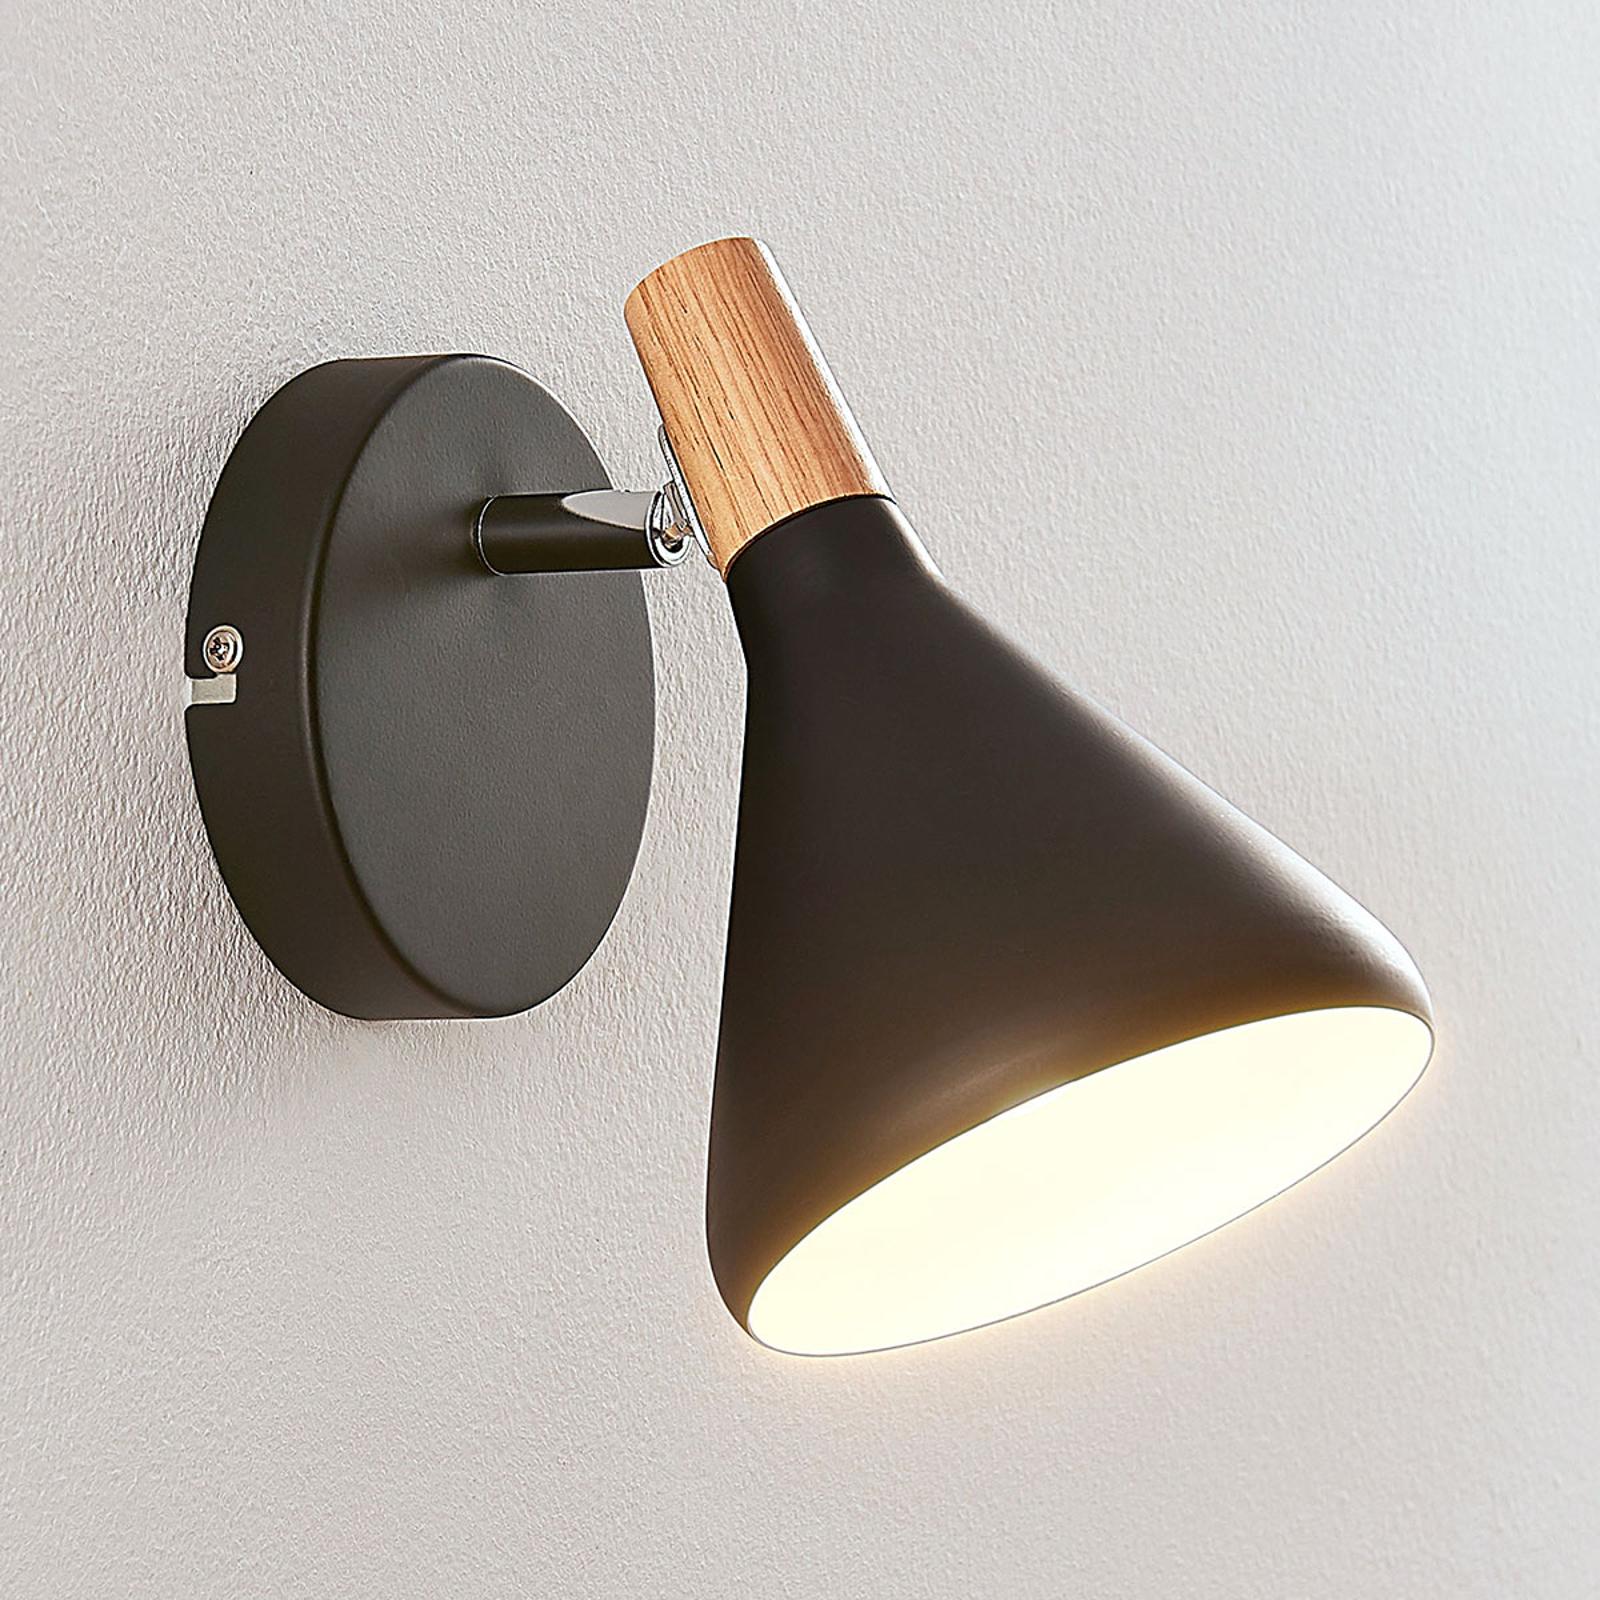 Musta LED-seinävalaisin Arina, puuta